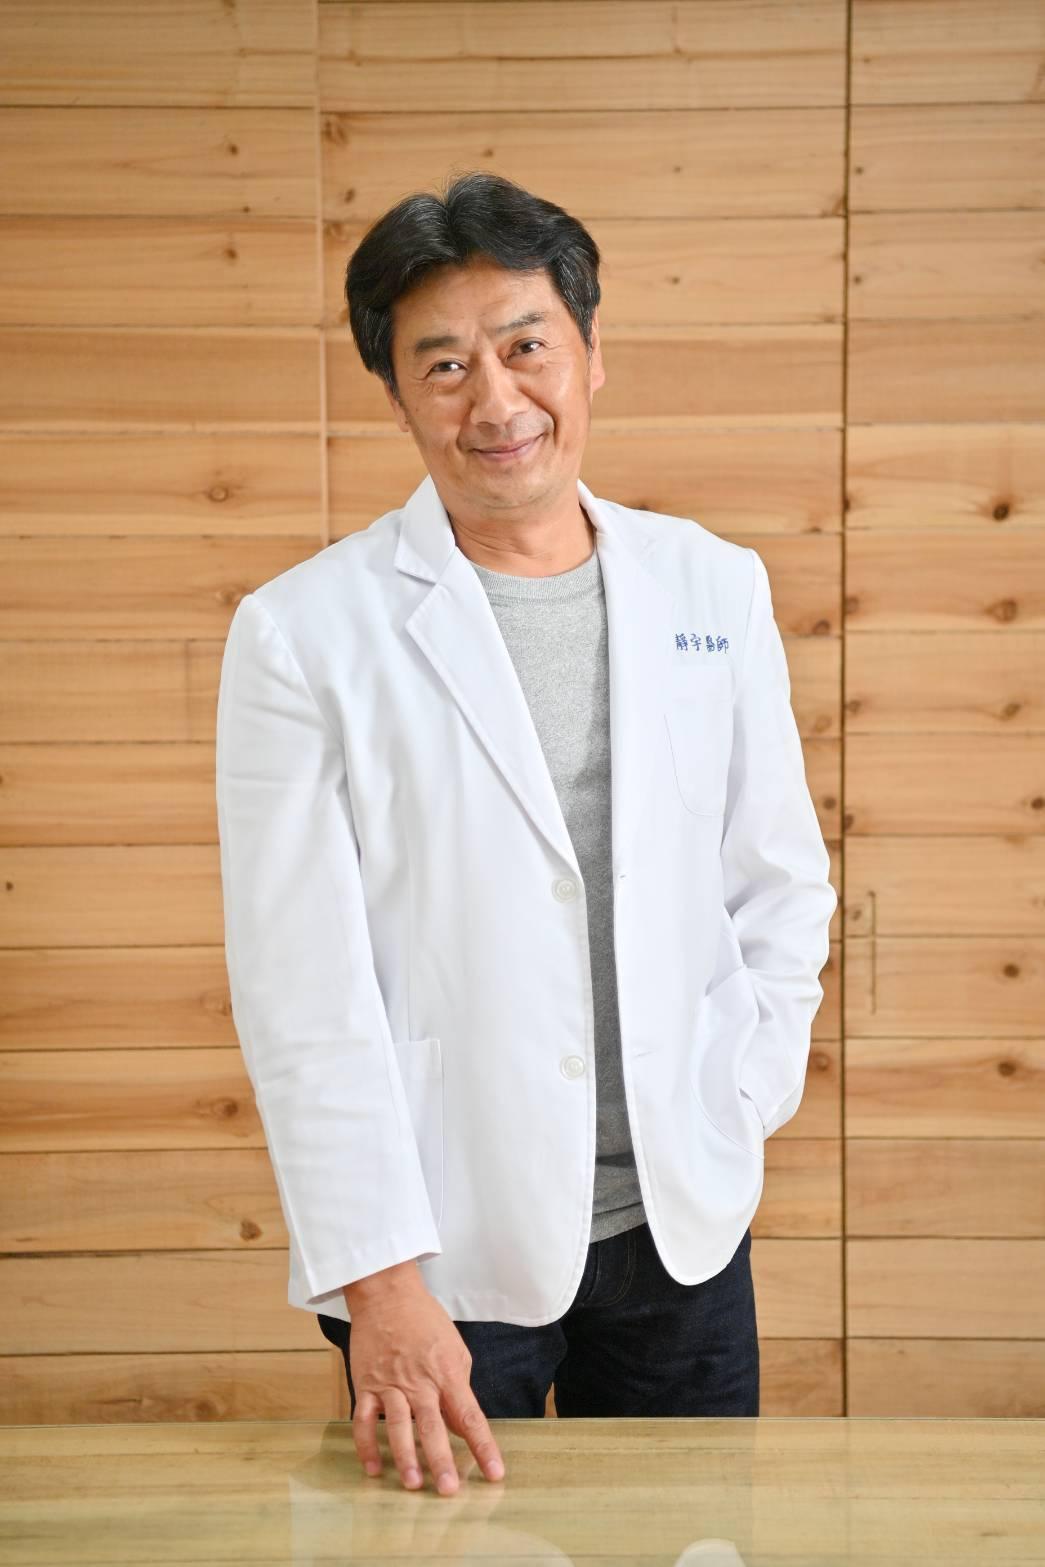 台北市議員、天母楊動物醫院院長楊靜宇(楊靜宇提供)